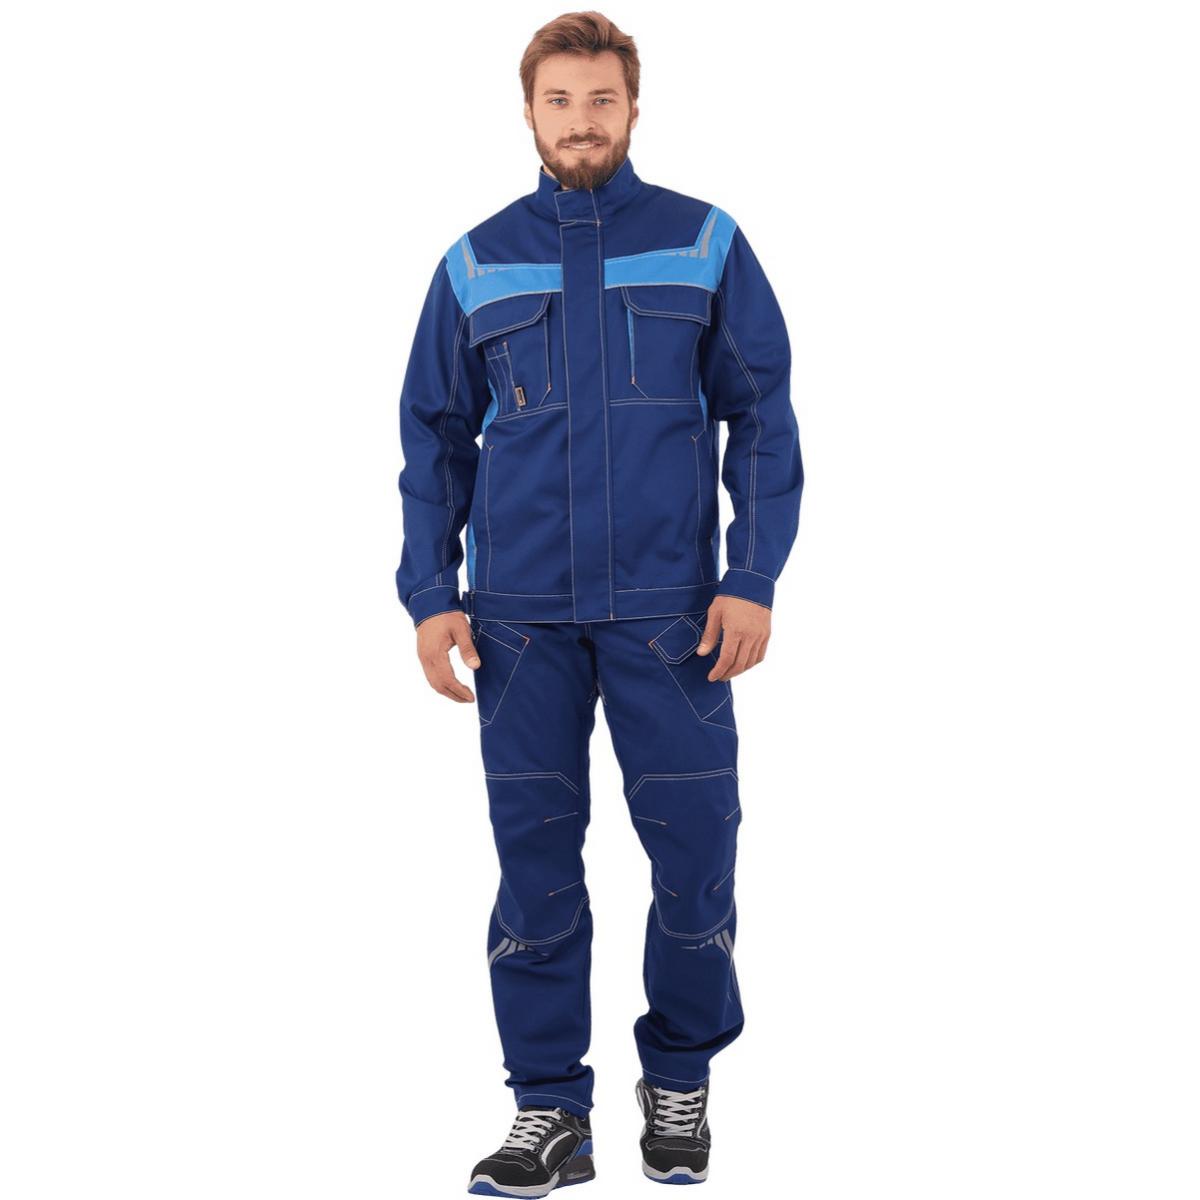 Куртка ПЕРФЕКТ синий-василек (разм. 104-108 рост 170-176)